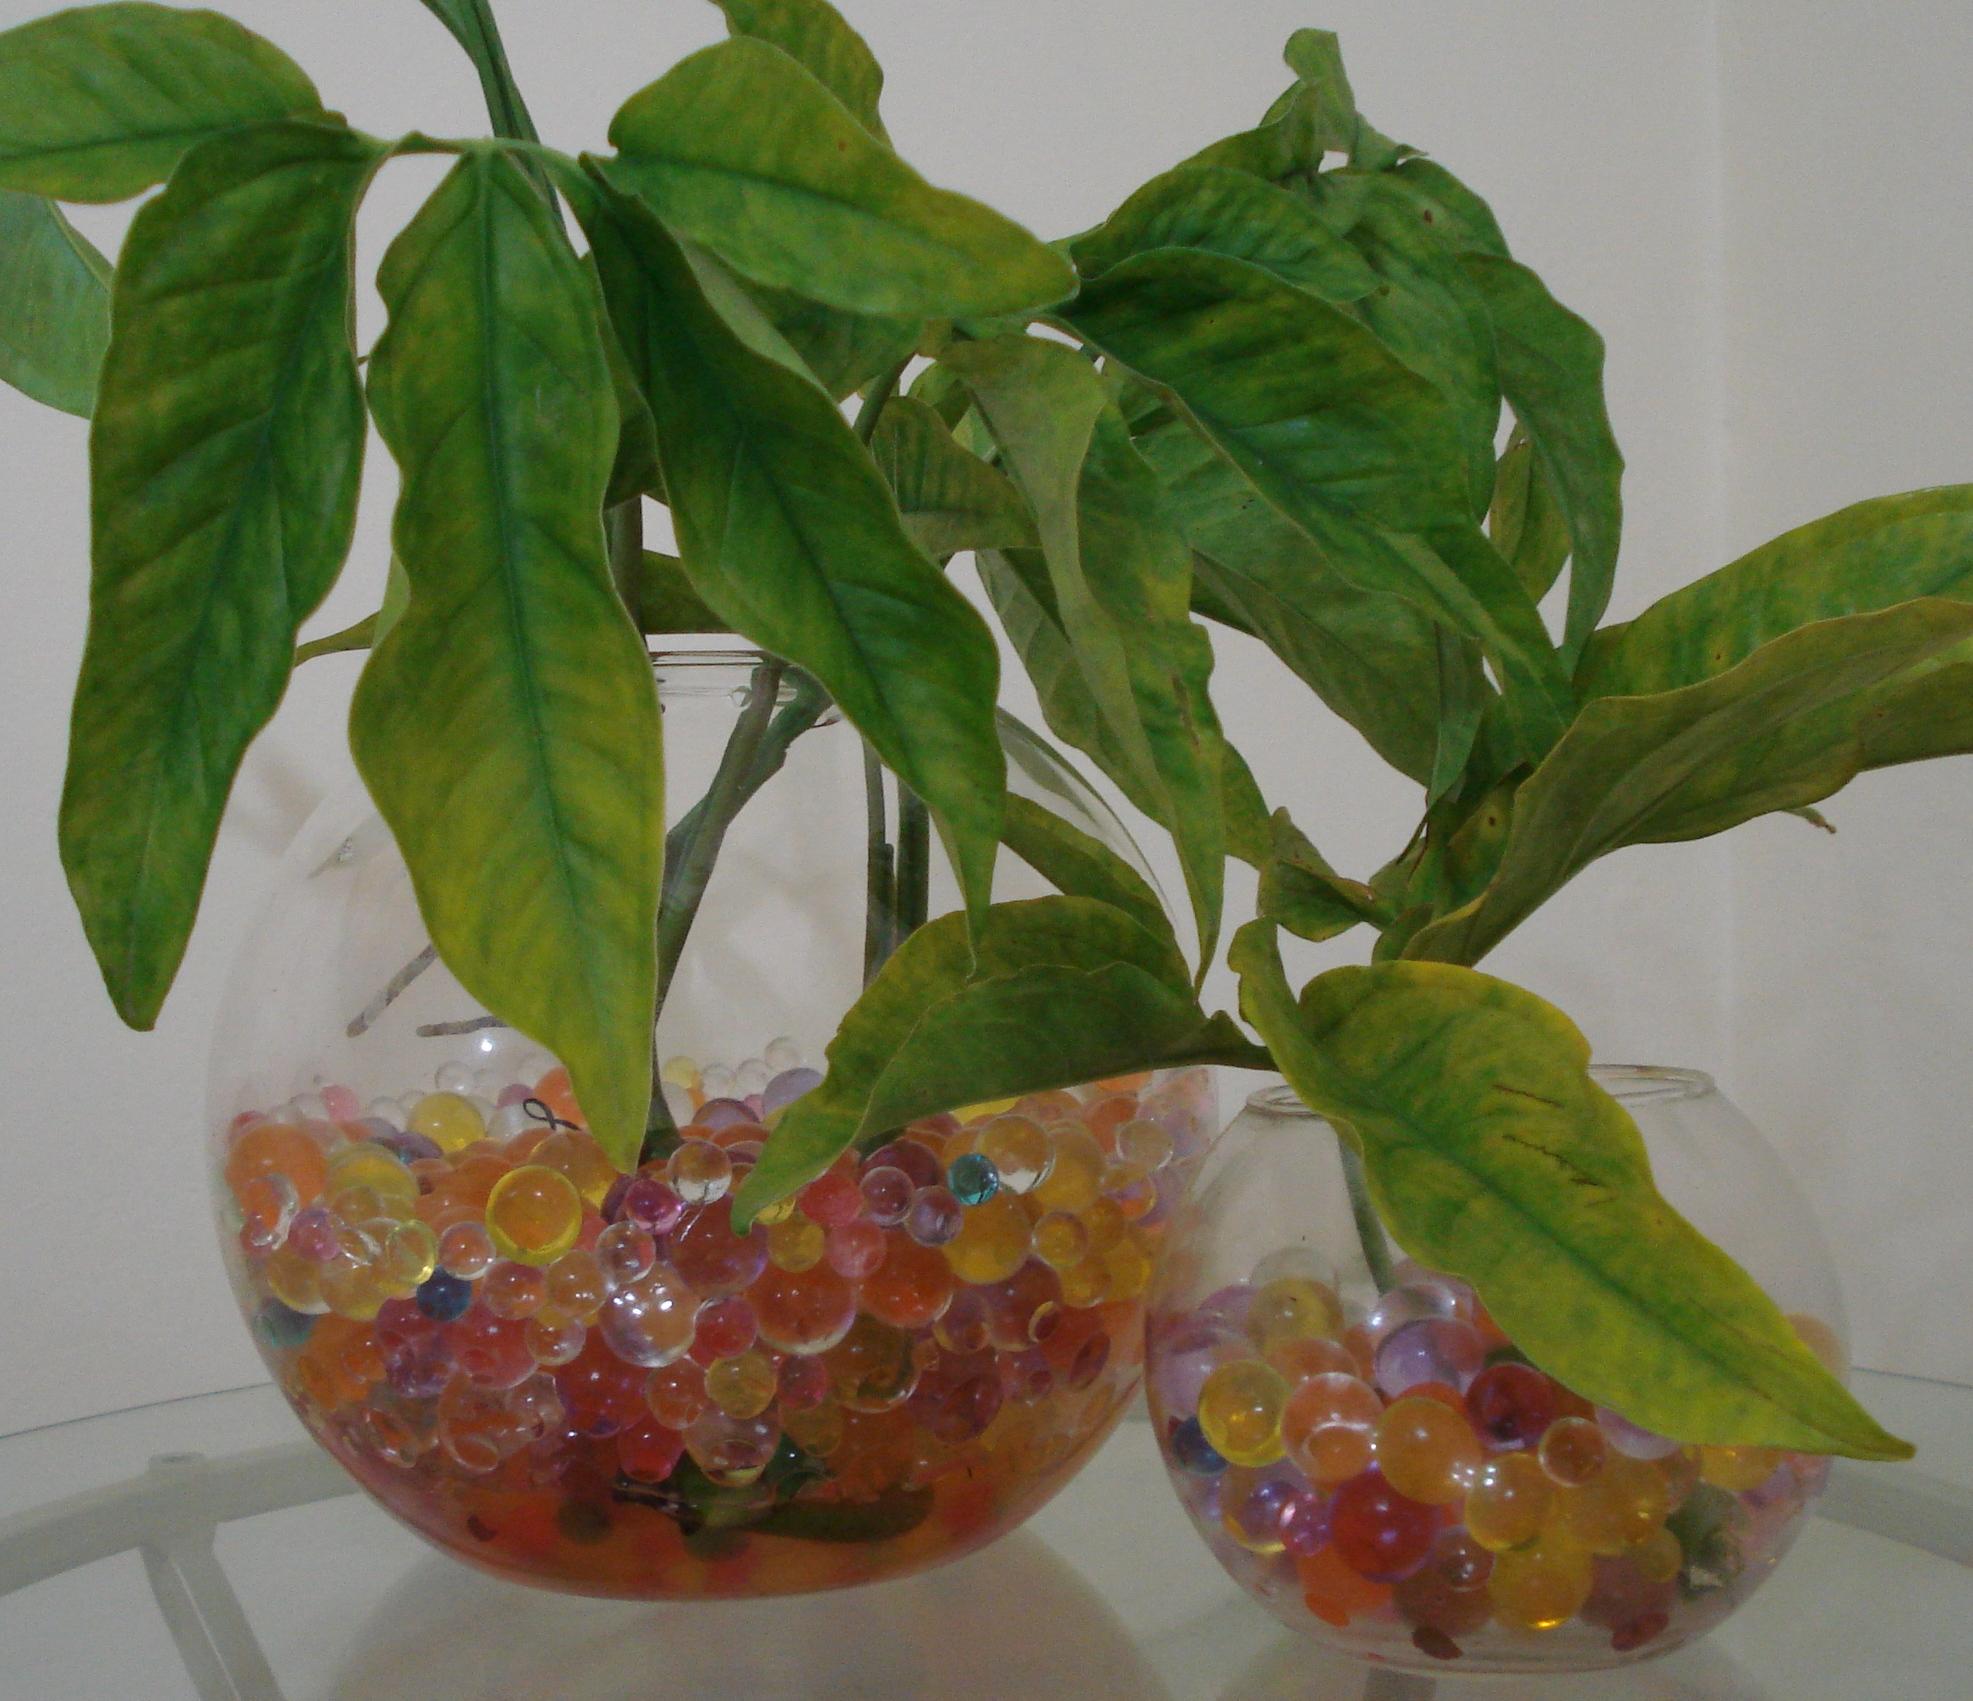 #304414 Dica para colorir a casa: as bolinhas de gel Tendências 2013 1973x1701 px plantas para banheiro feng shui